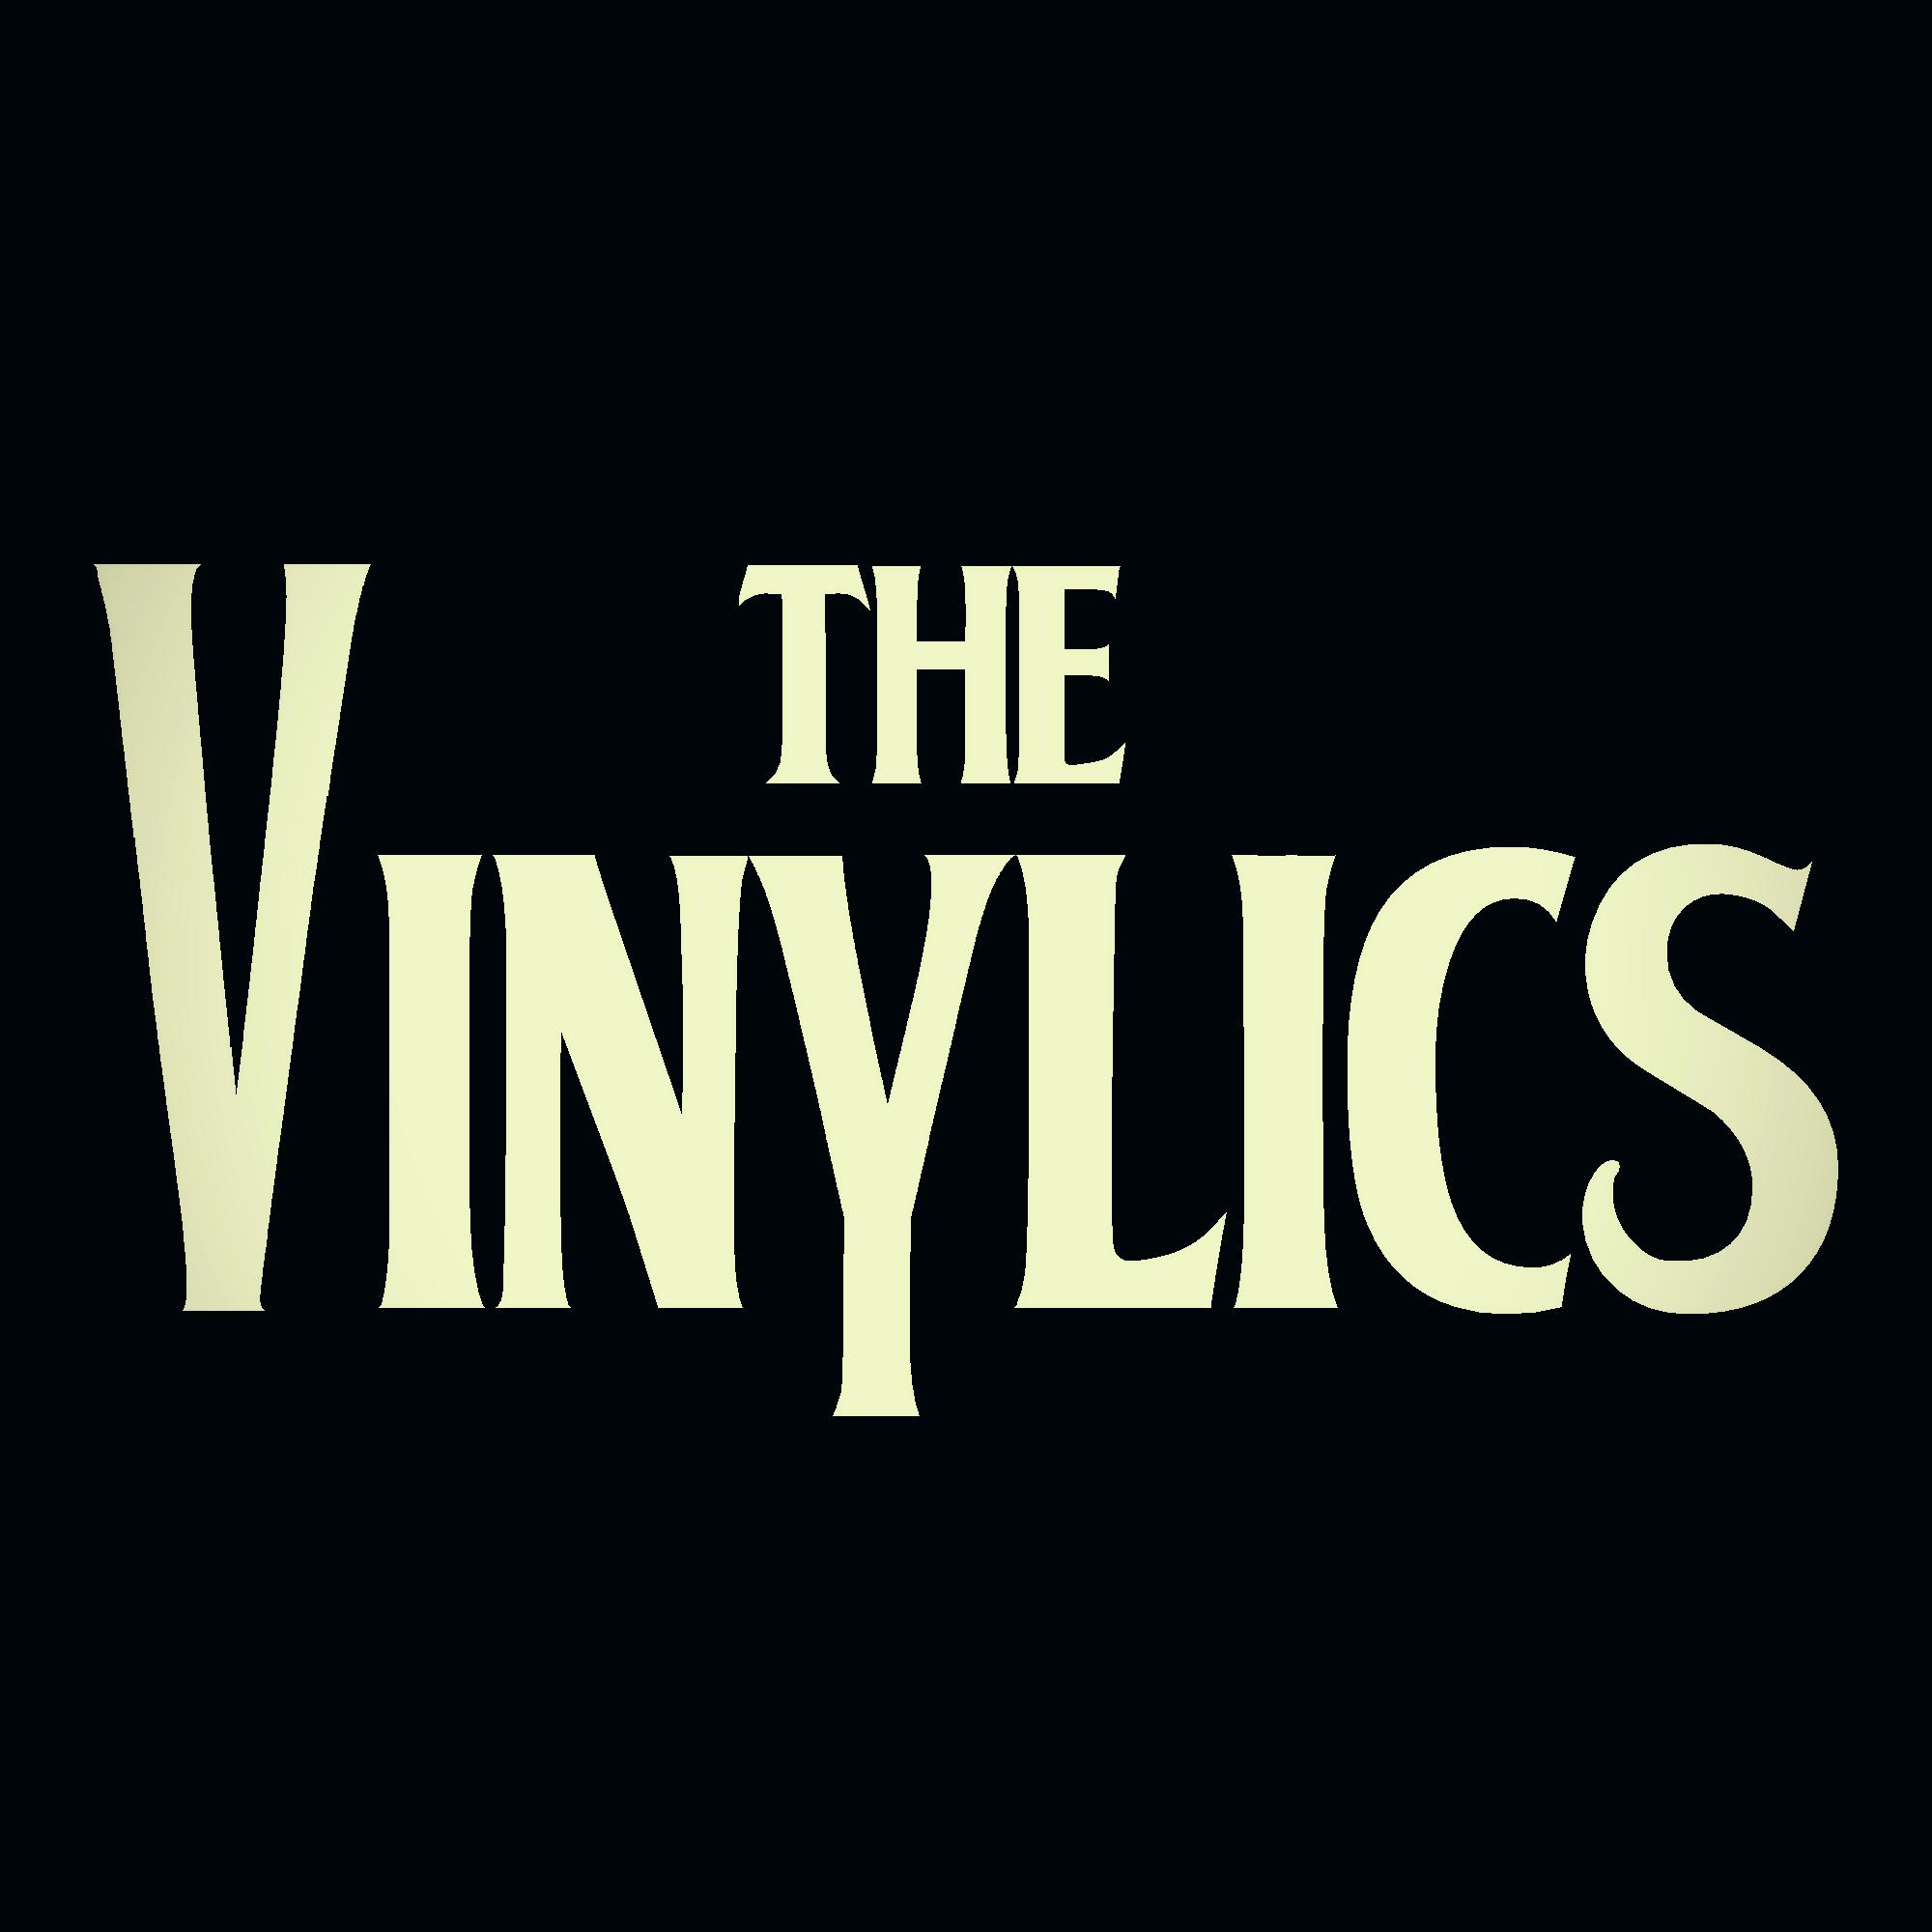 Logo Beatles blanc sobre negre - còpia (4)